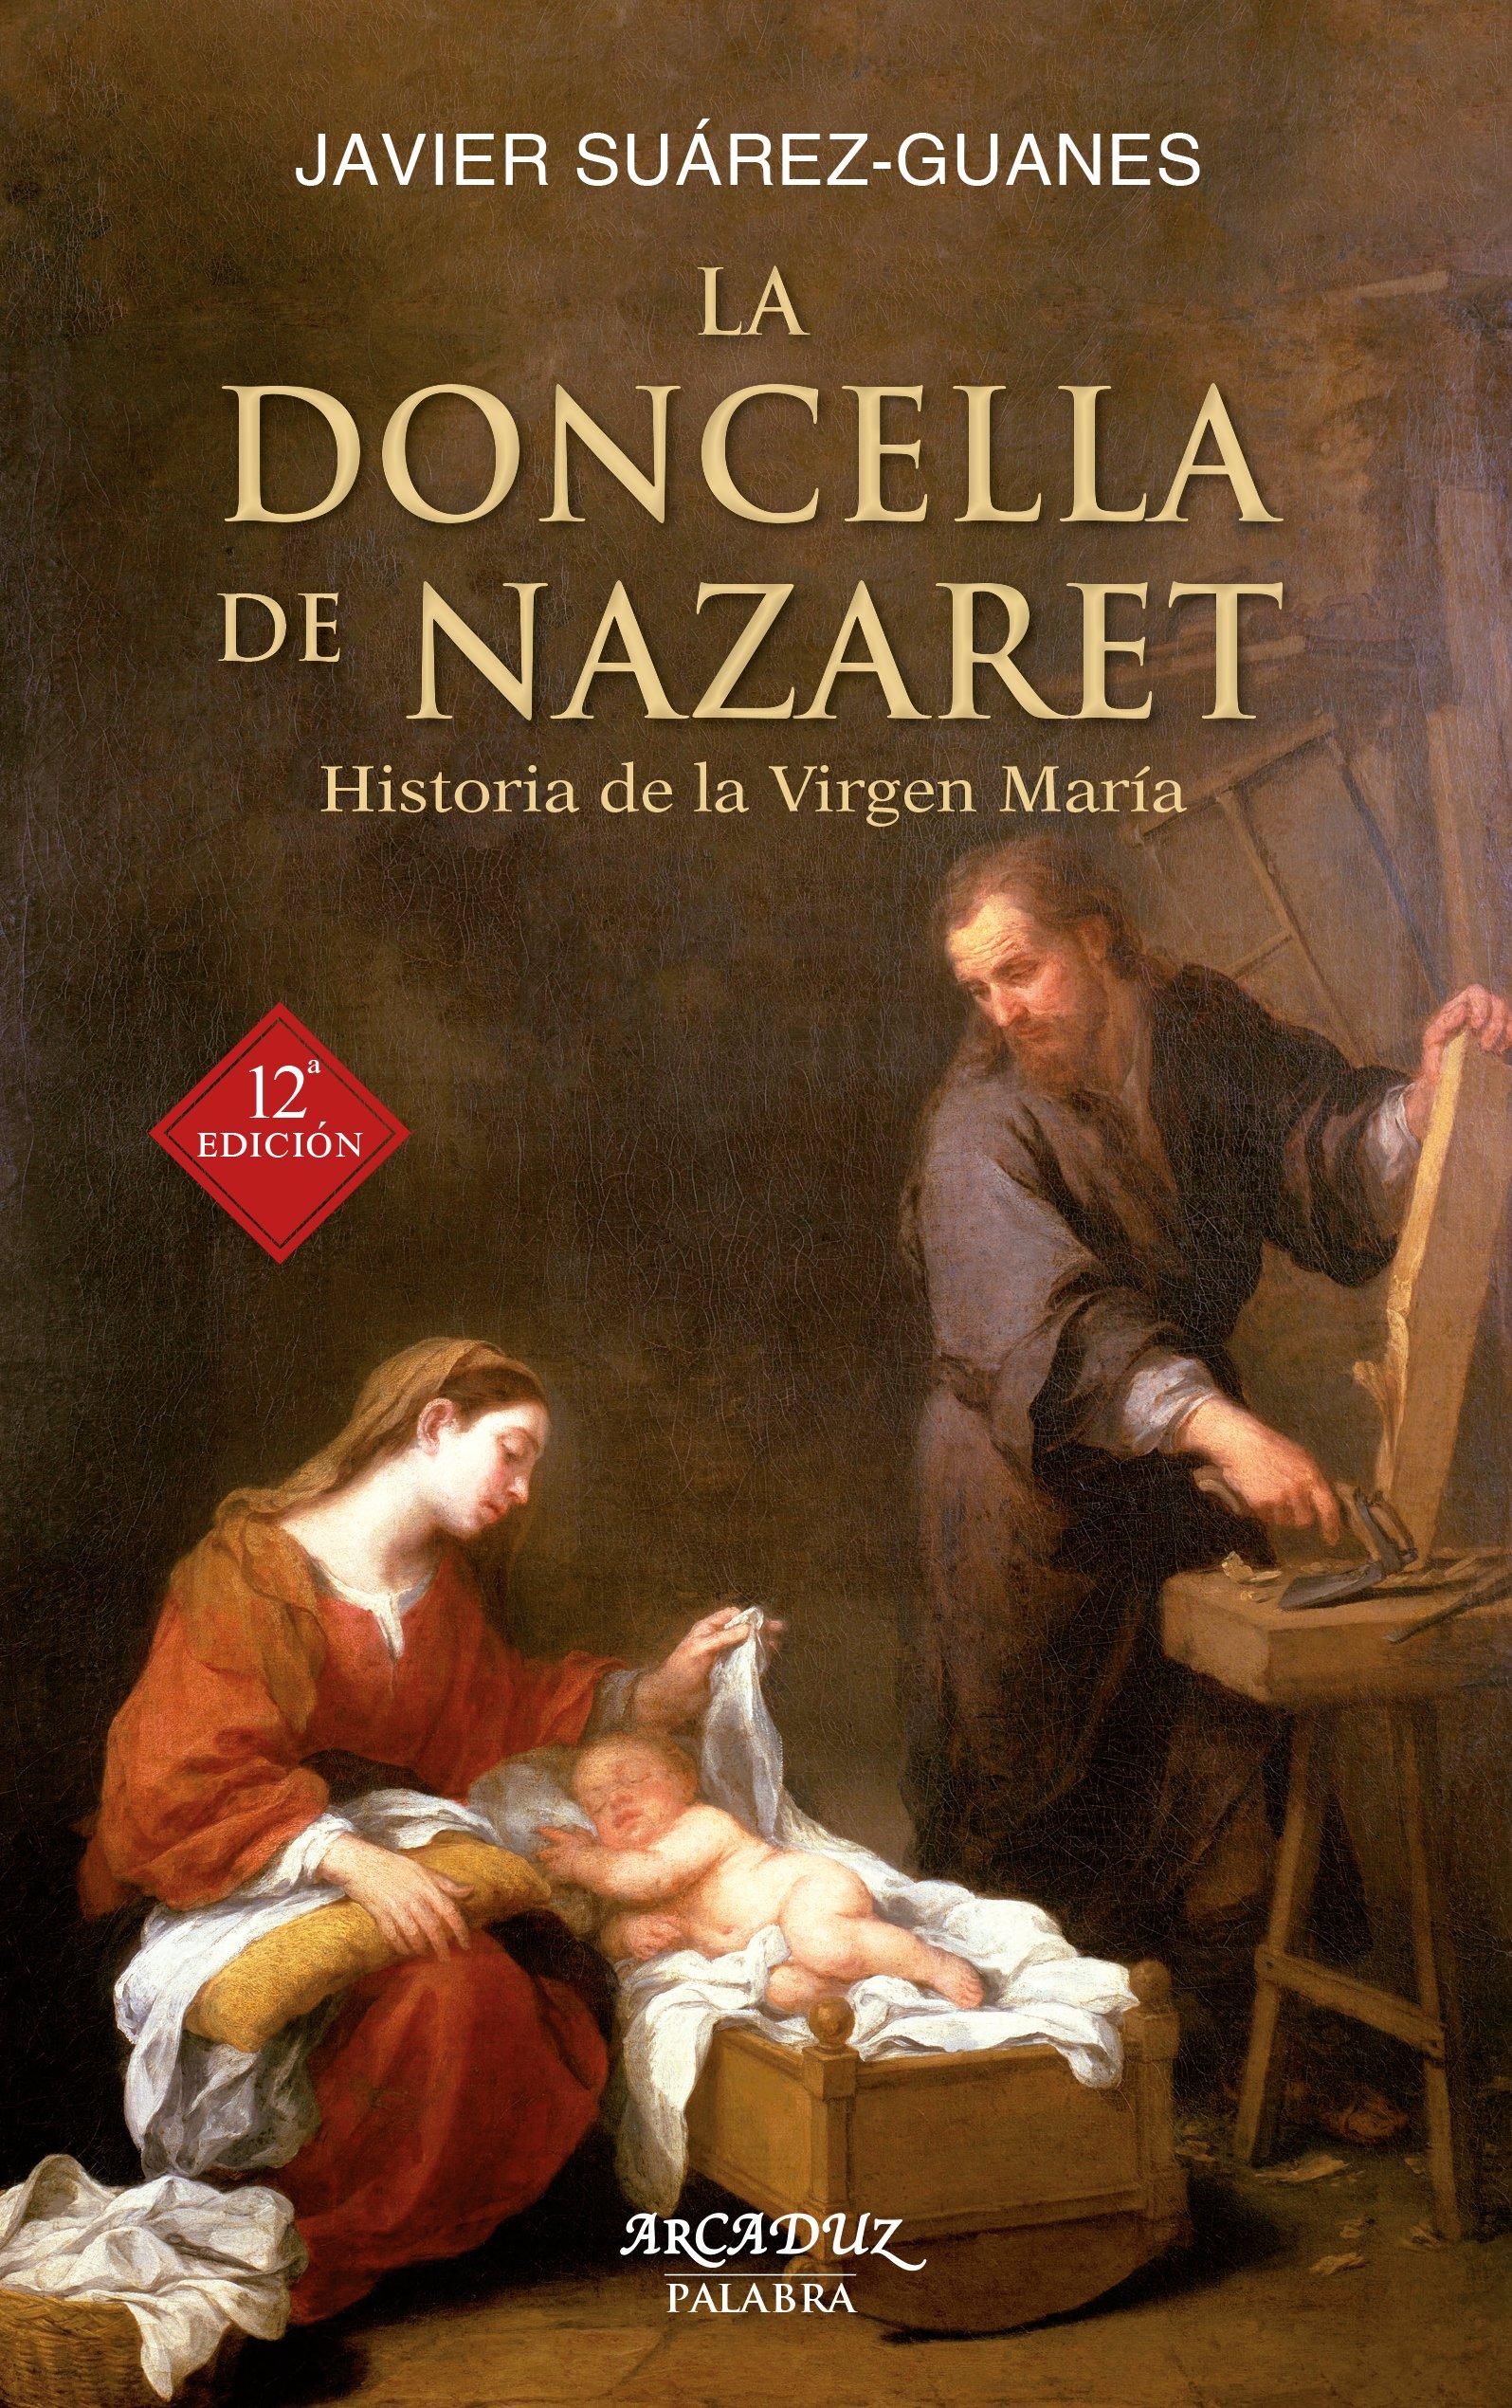 La Doncella de Nazaret. Historia de la Virgen María Arcaduz nº 52: Amazon.es: Javier Suárez-Guanes: Libros